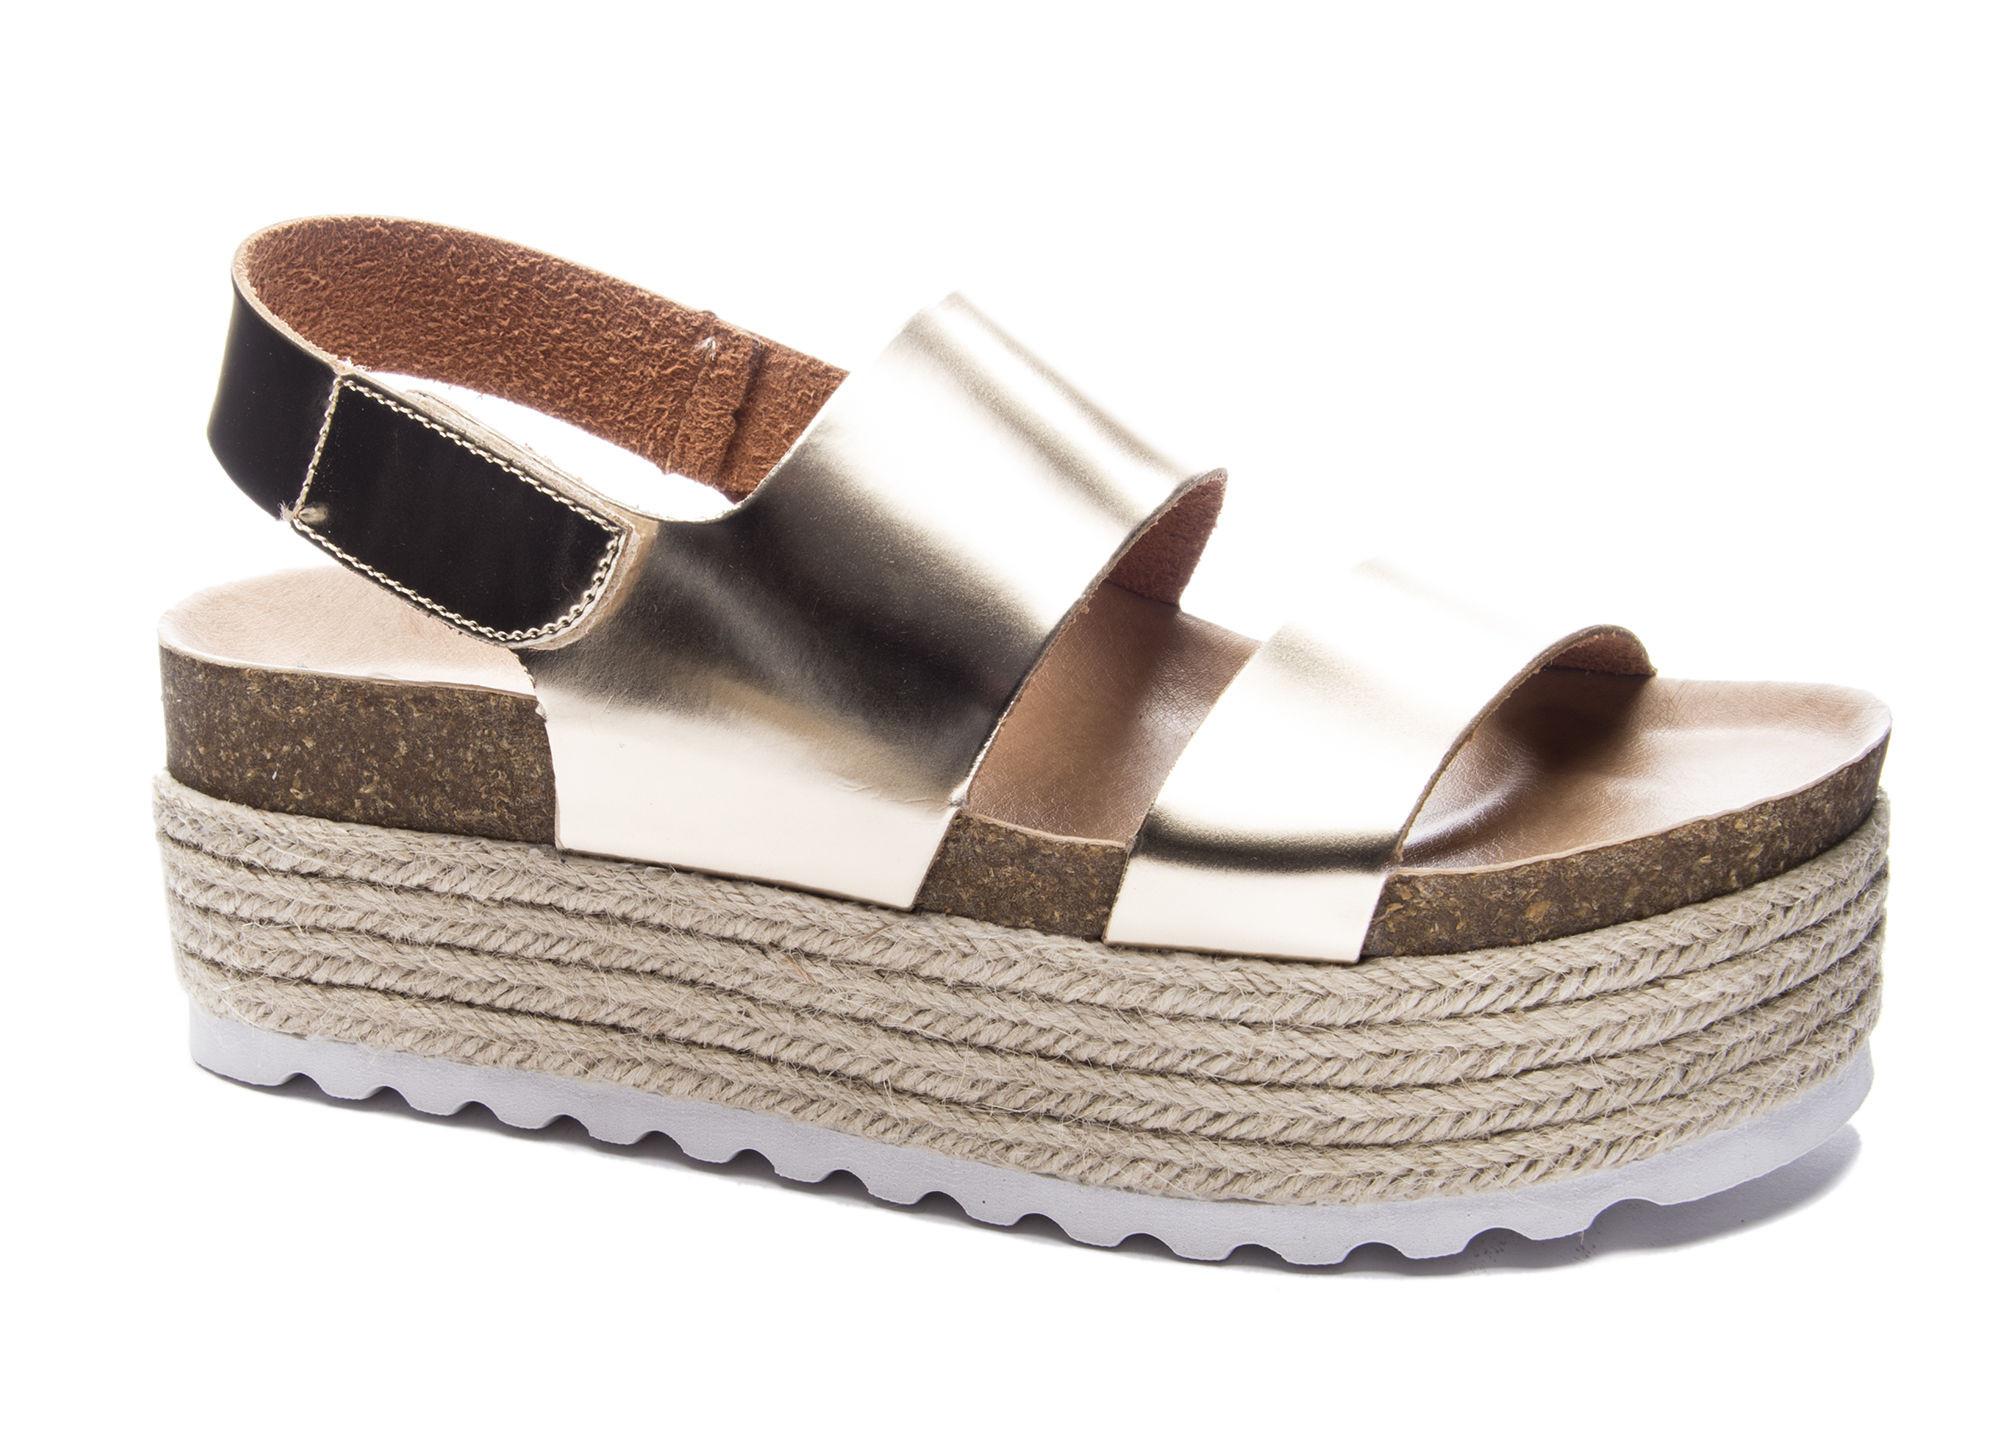 Peyton Platform Sandal - $49.95